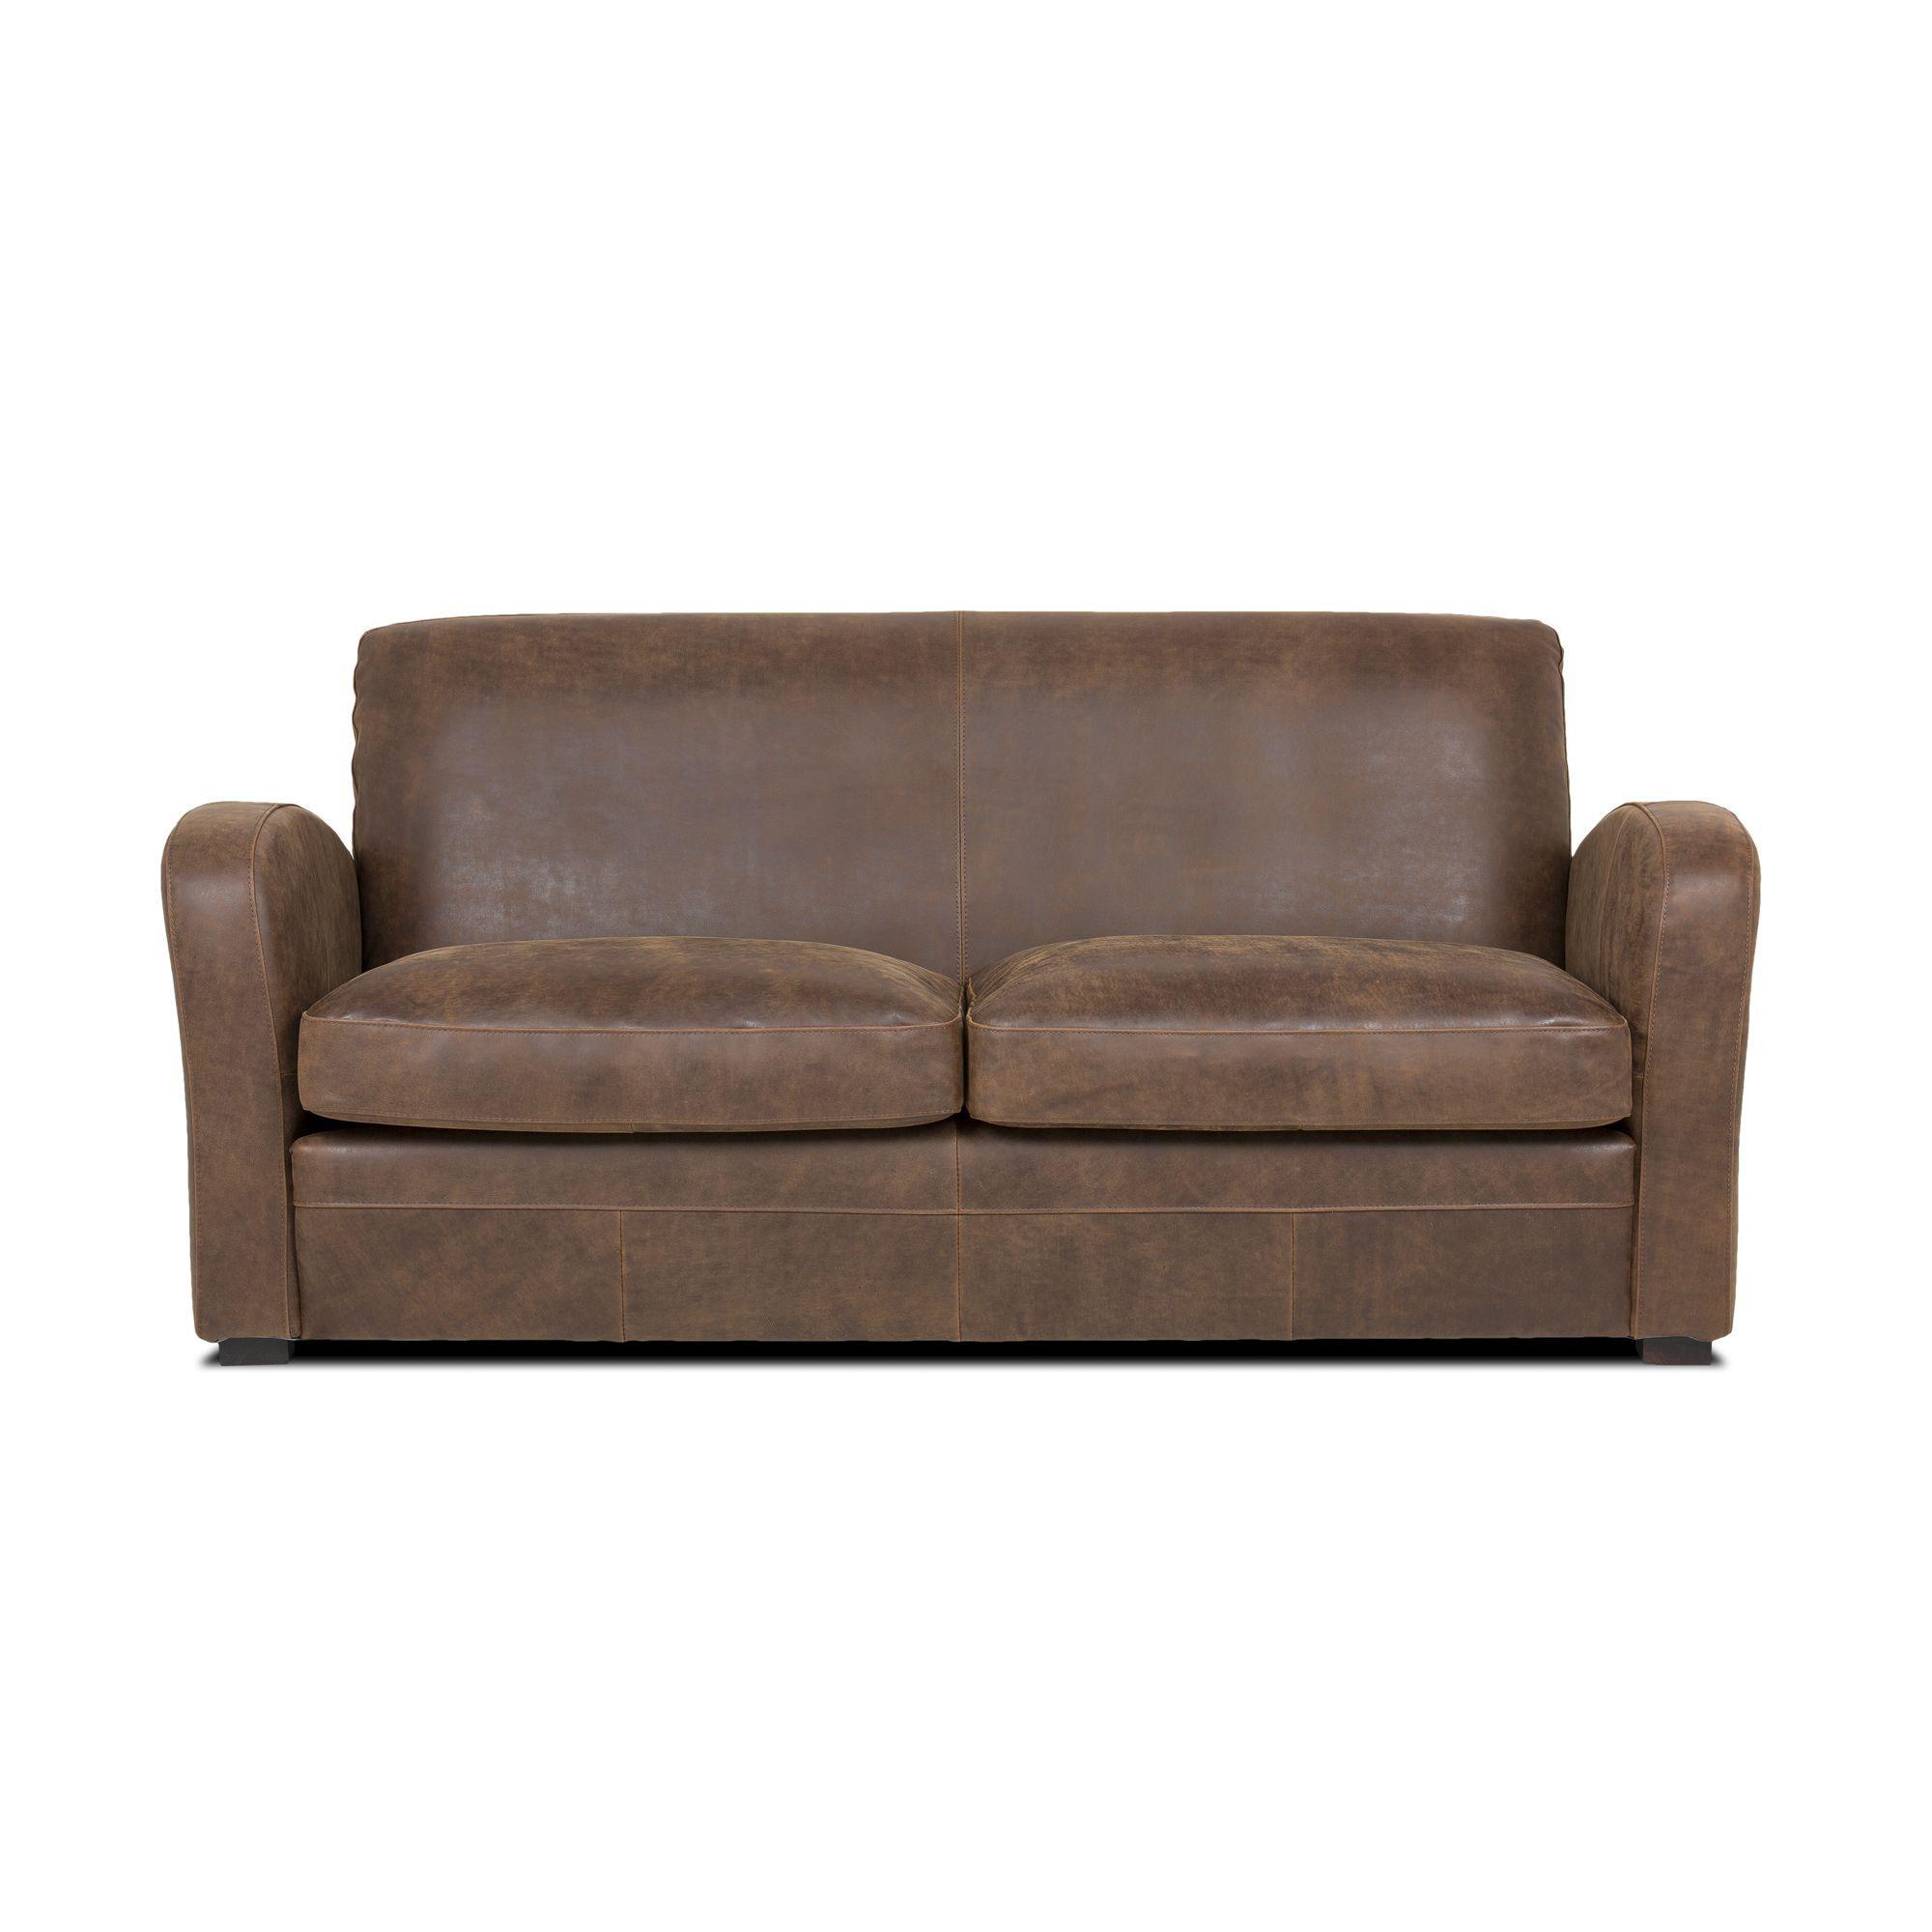 Canapé 3 places fixe en croute de cuir marron effet vieilli cuba salon canapés